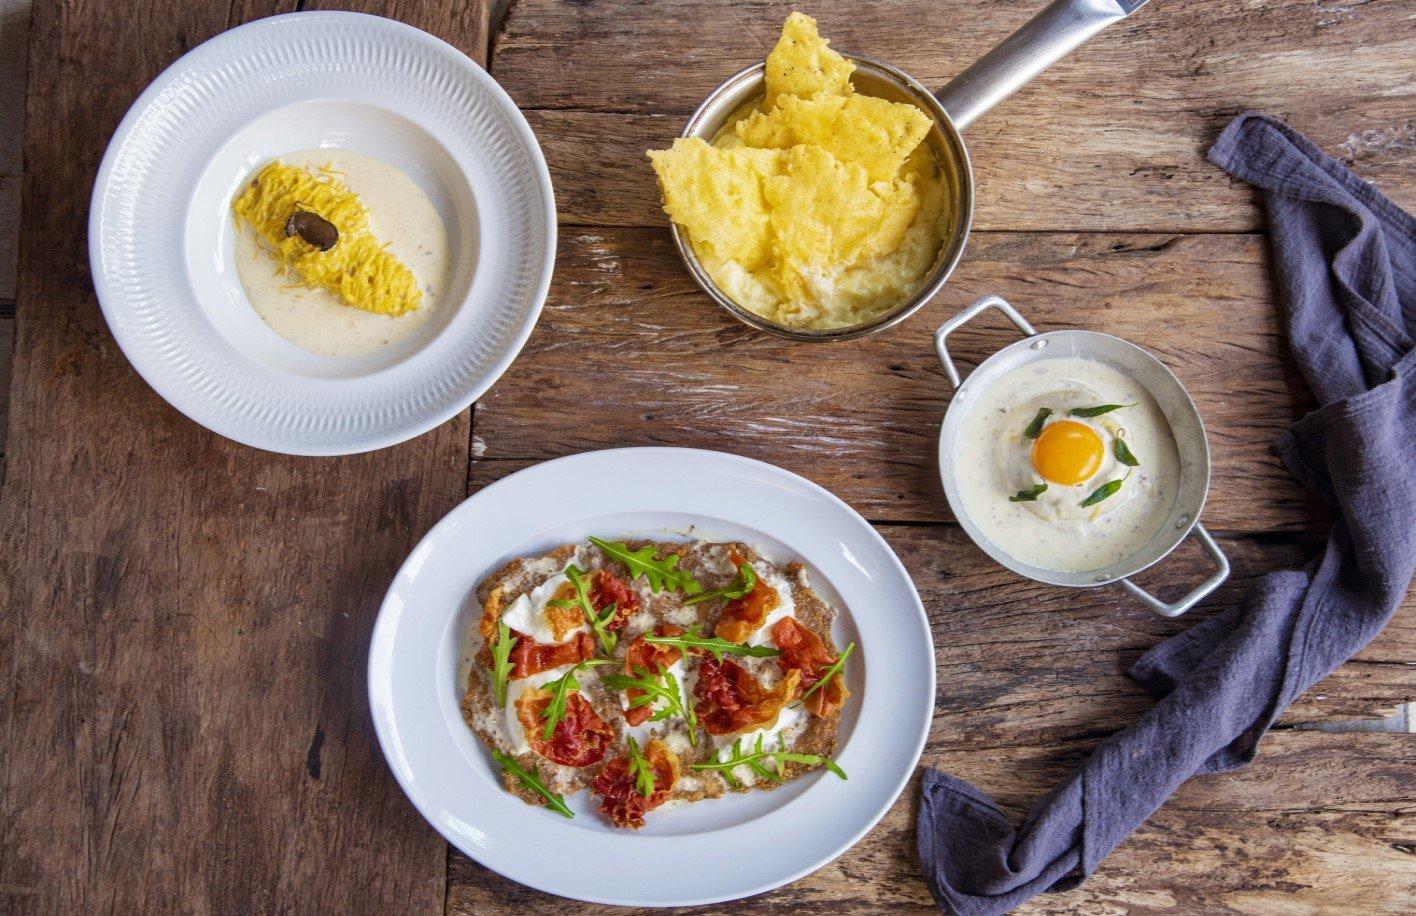 Especiais de Dia dos Pais tartuferia 10 restaurants and deliveries for Father's Day 2021